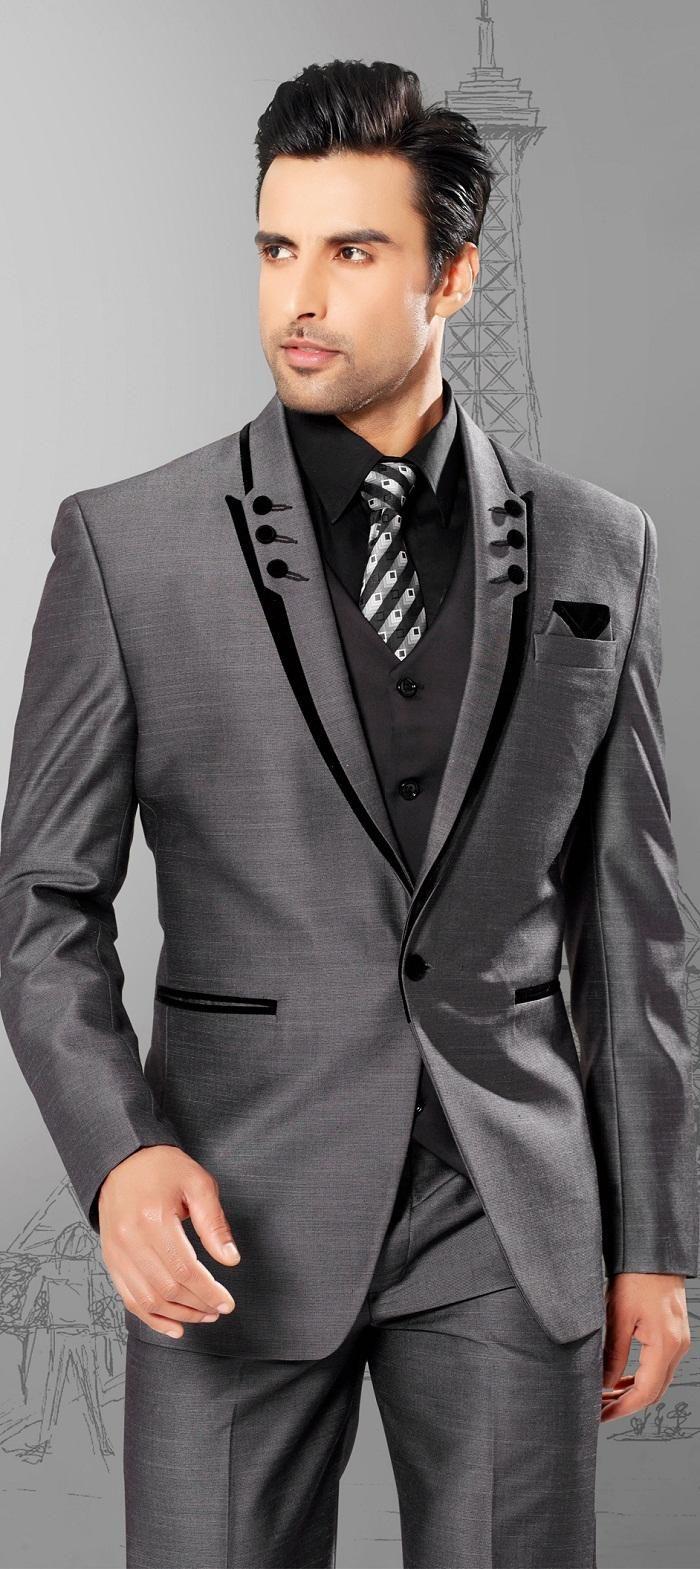 Mens Formal Suits Online - Go Suits